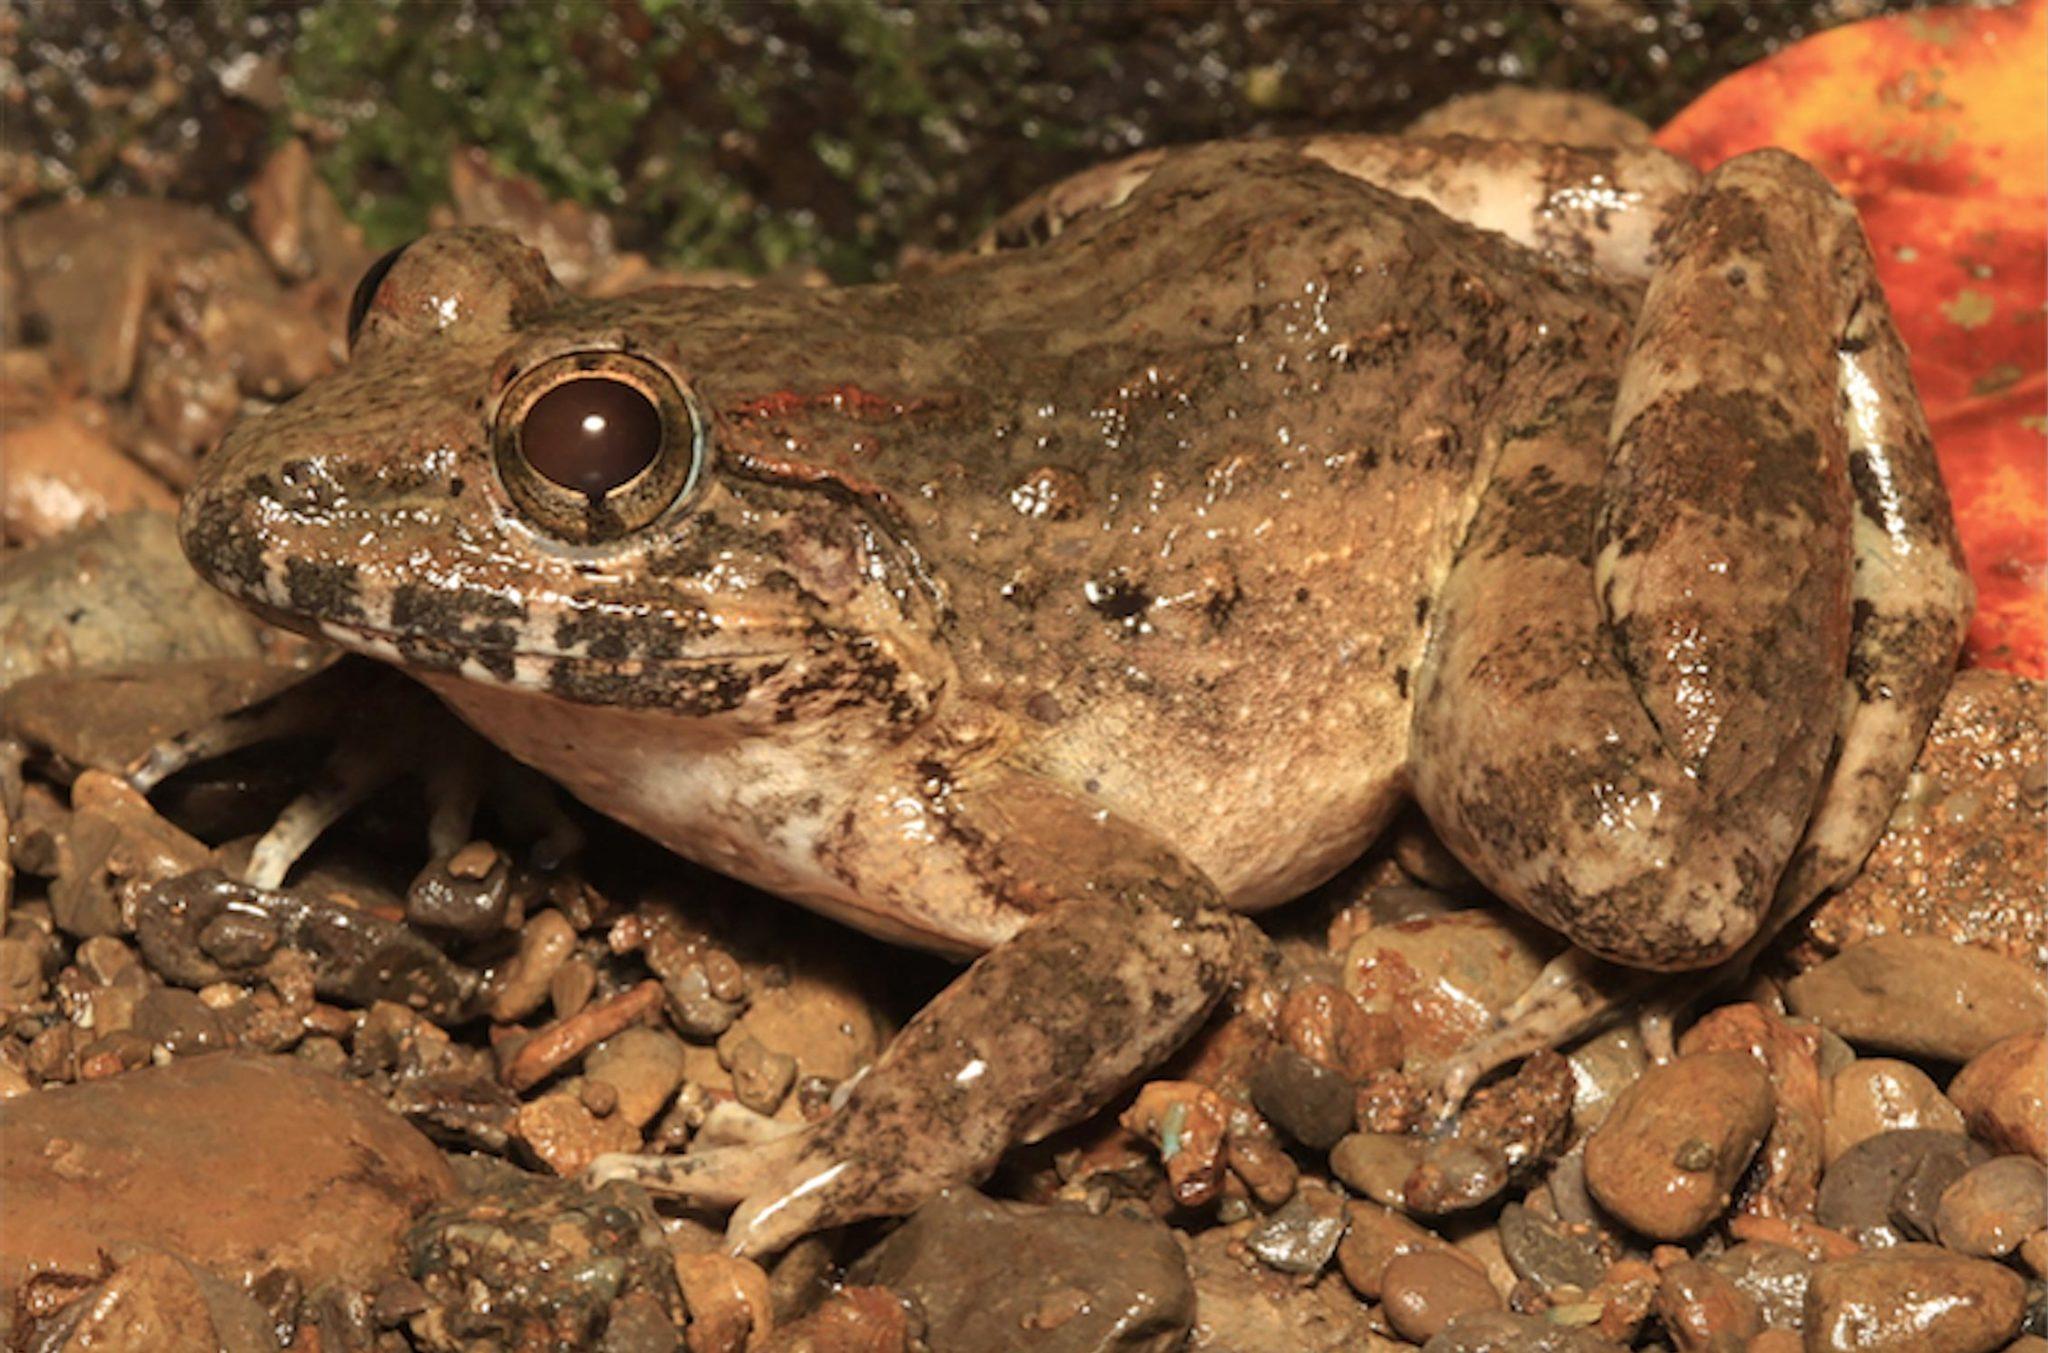 菲律宾发现尖牙蛙新物种Limnonectes beloncioi